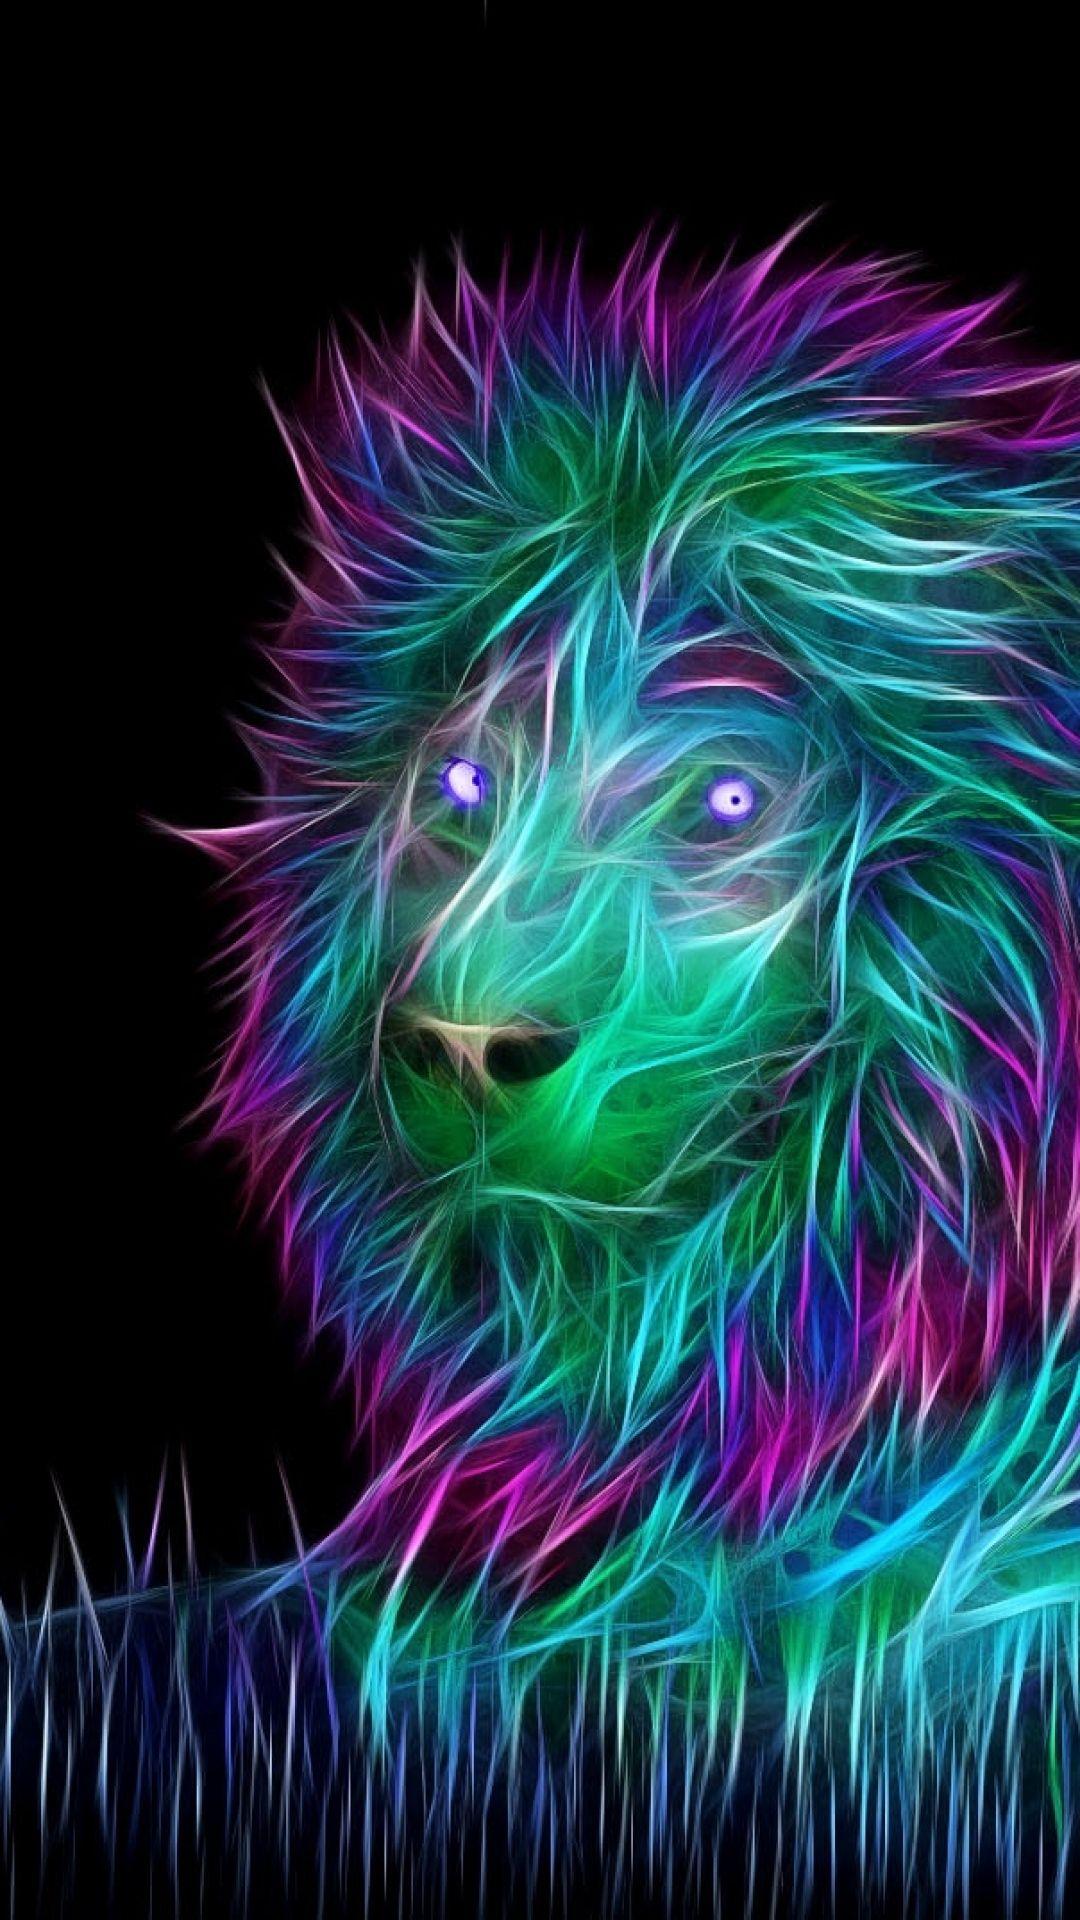 Wallpaper iphone lion - Abstract 3d Art Lion Iphone 6 Wallpaper